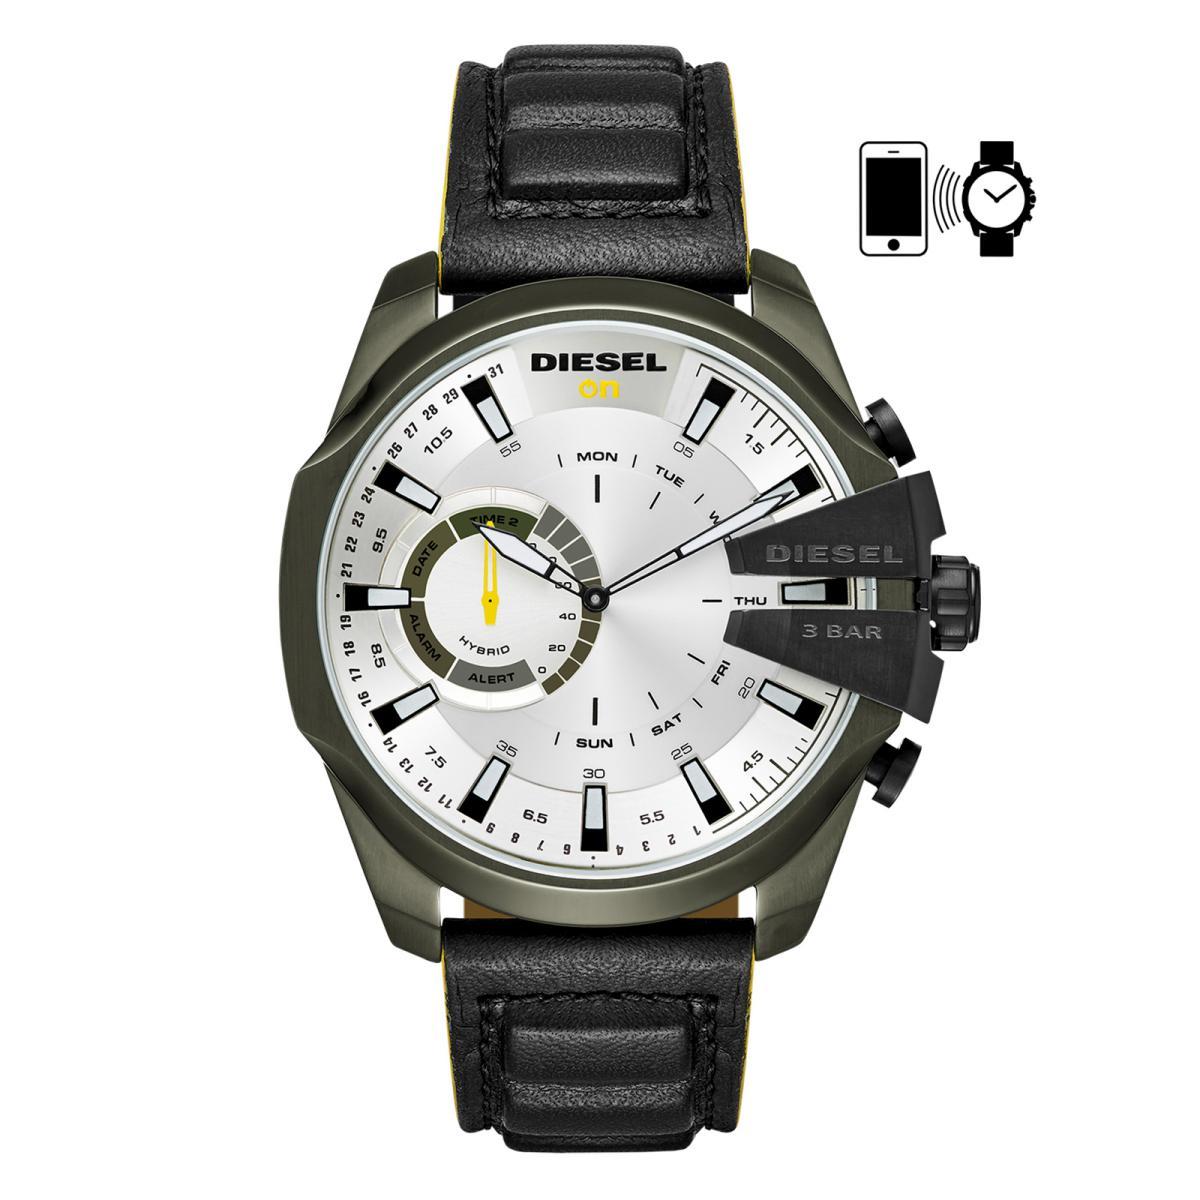 4bcfc2b1e033 Reloj Diesel - DZT1012 - Hombre - Time Square